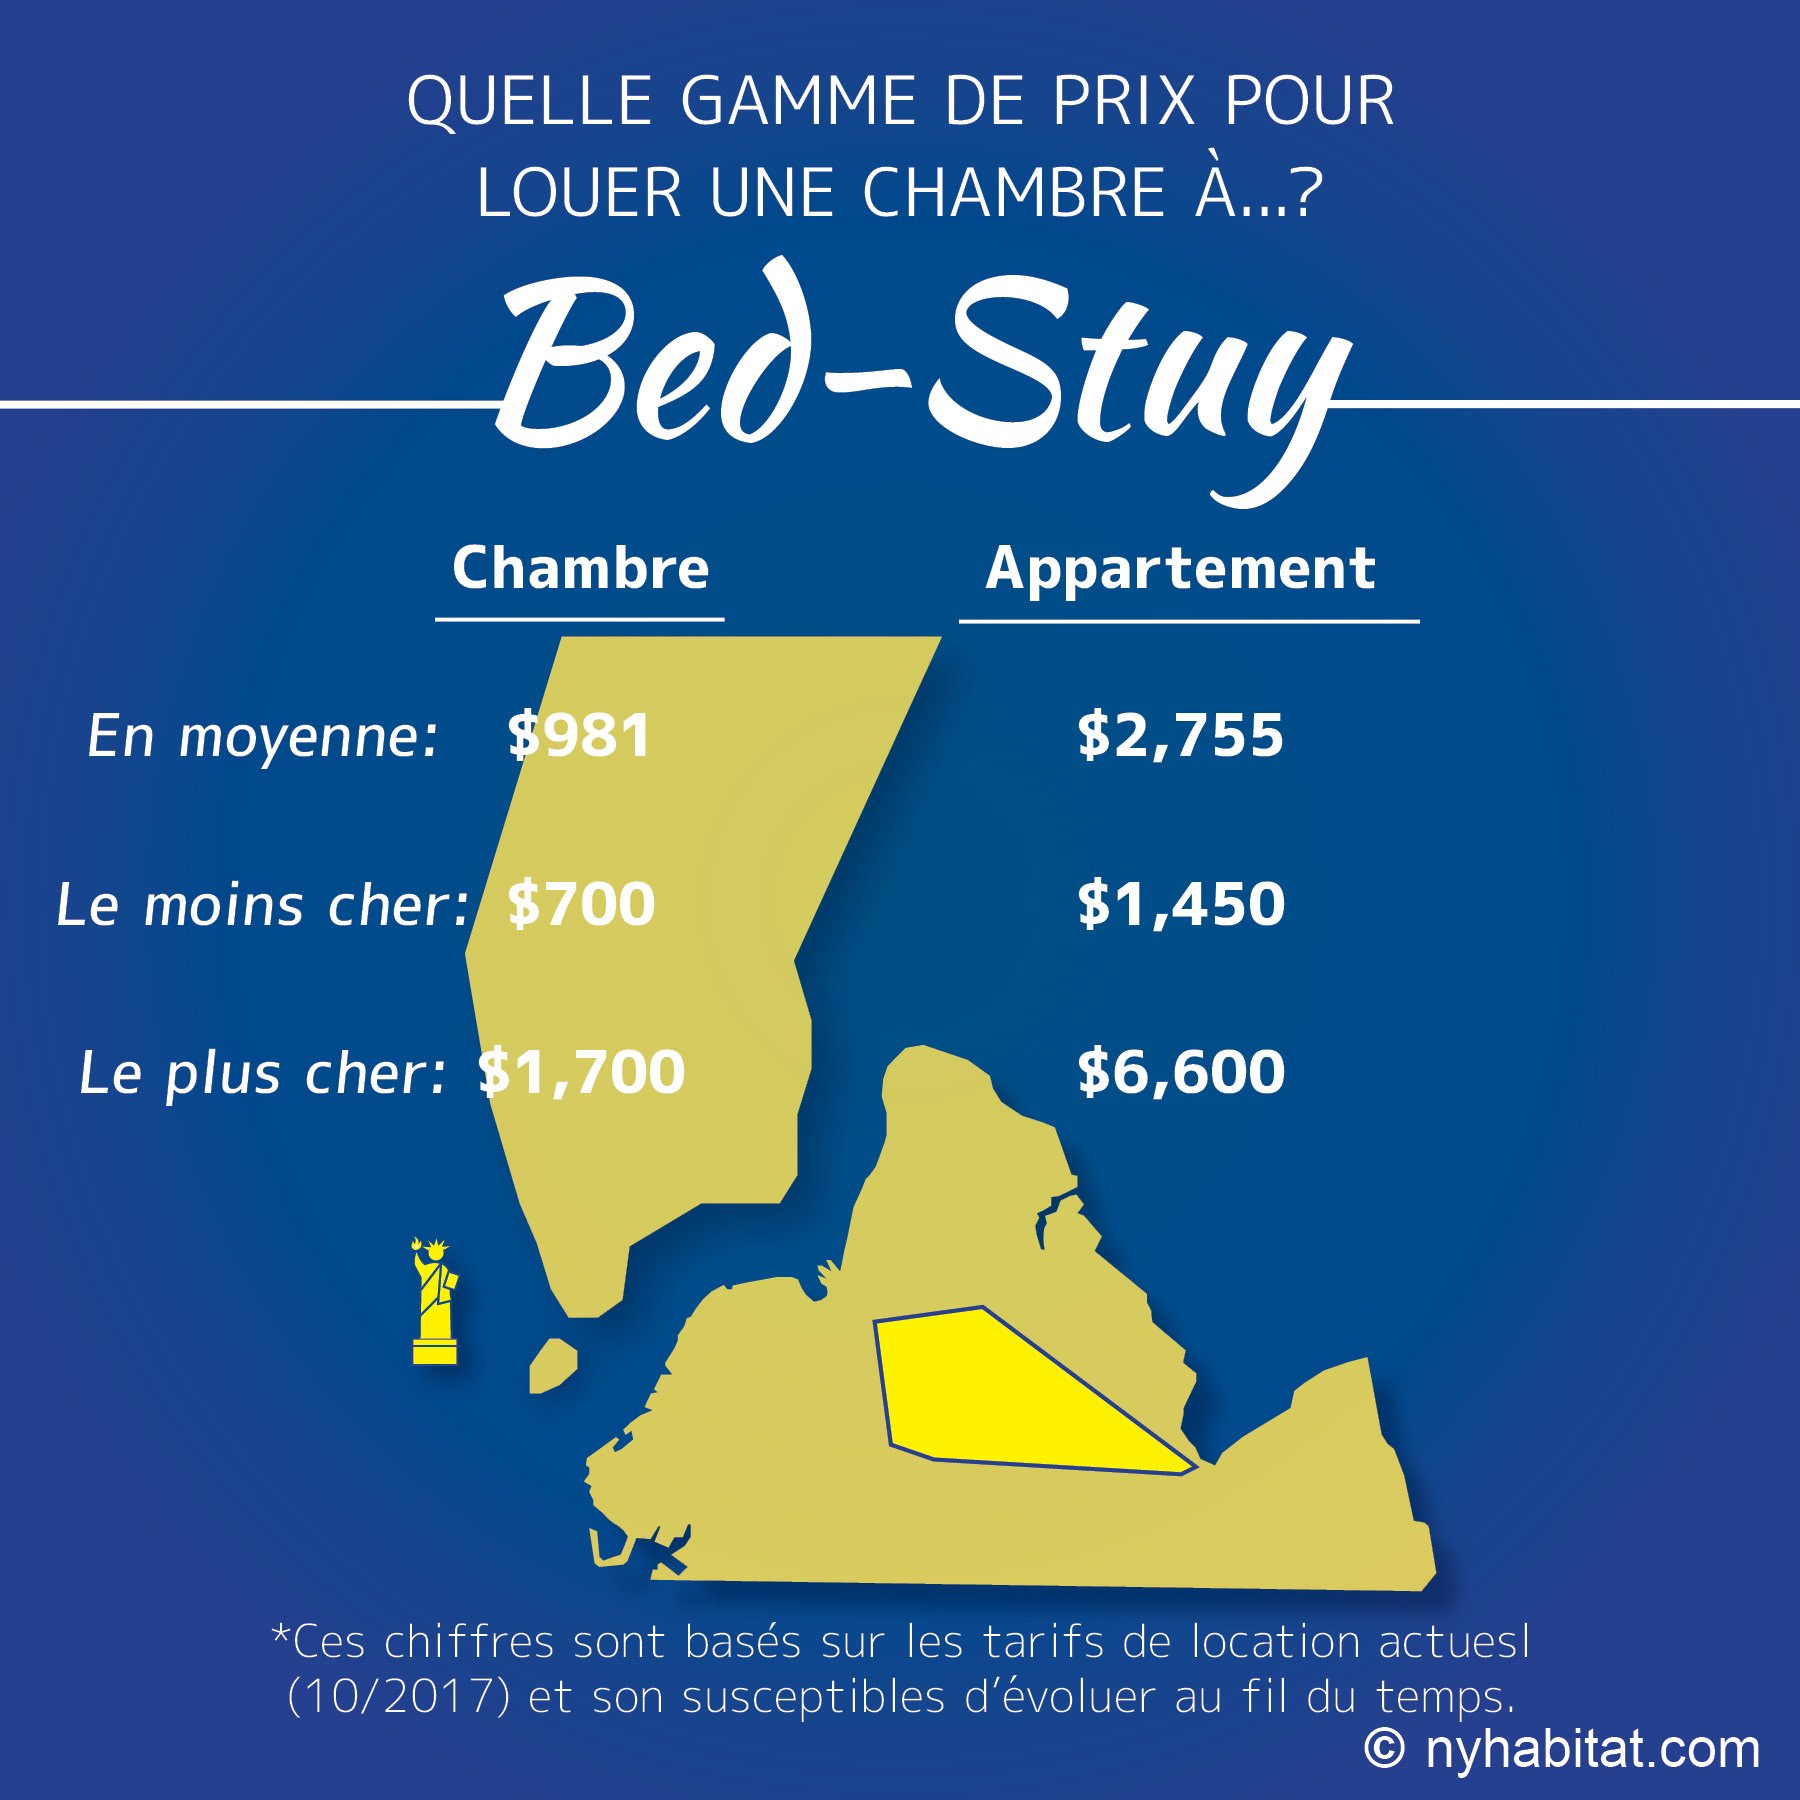 Infographie comparative du prix moyen des locations d'appartements et de chambres dans le quartier de Bed-Stuy